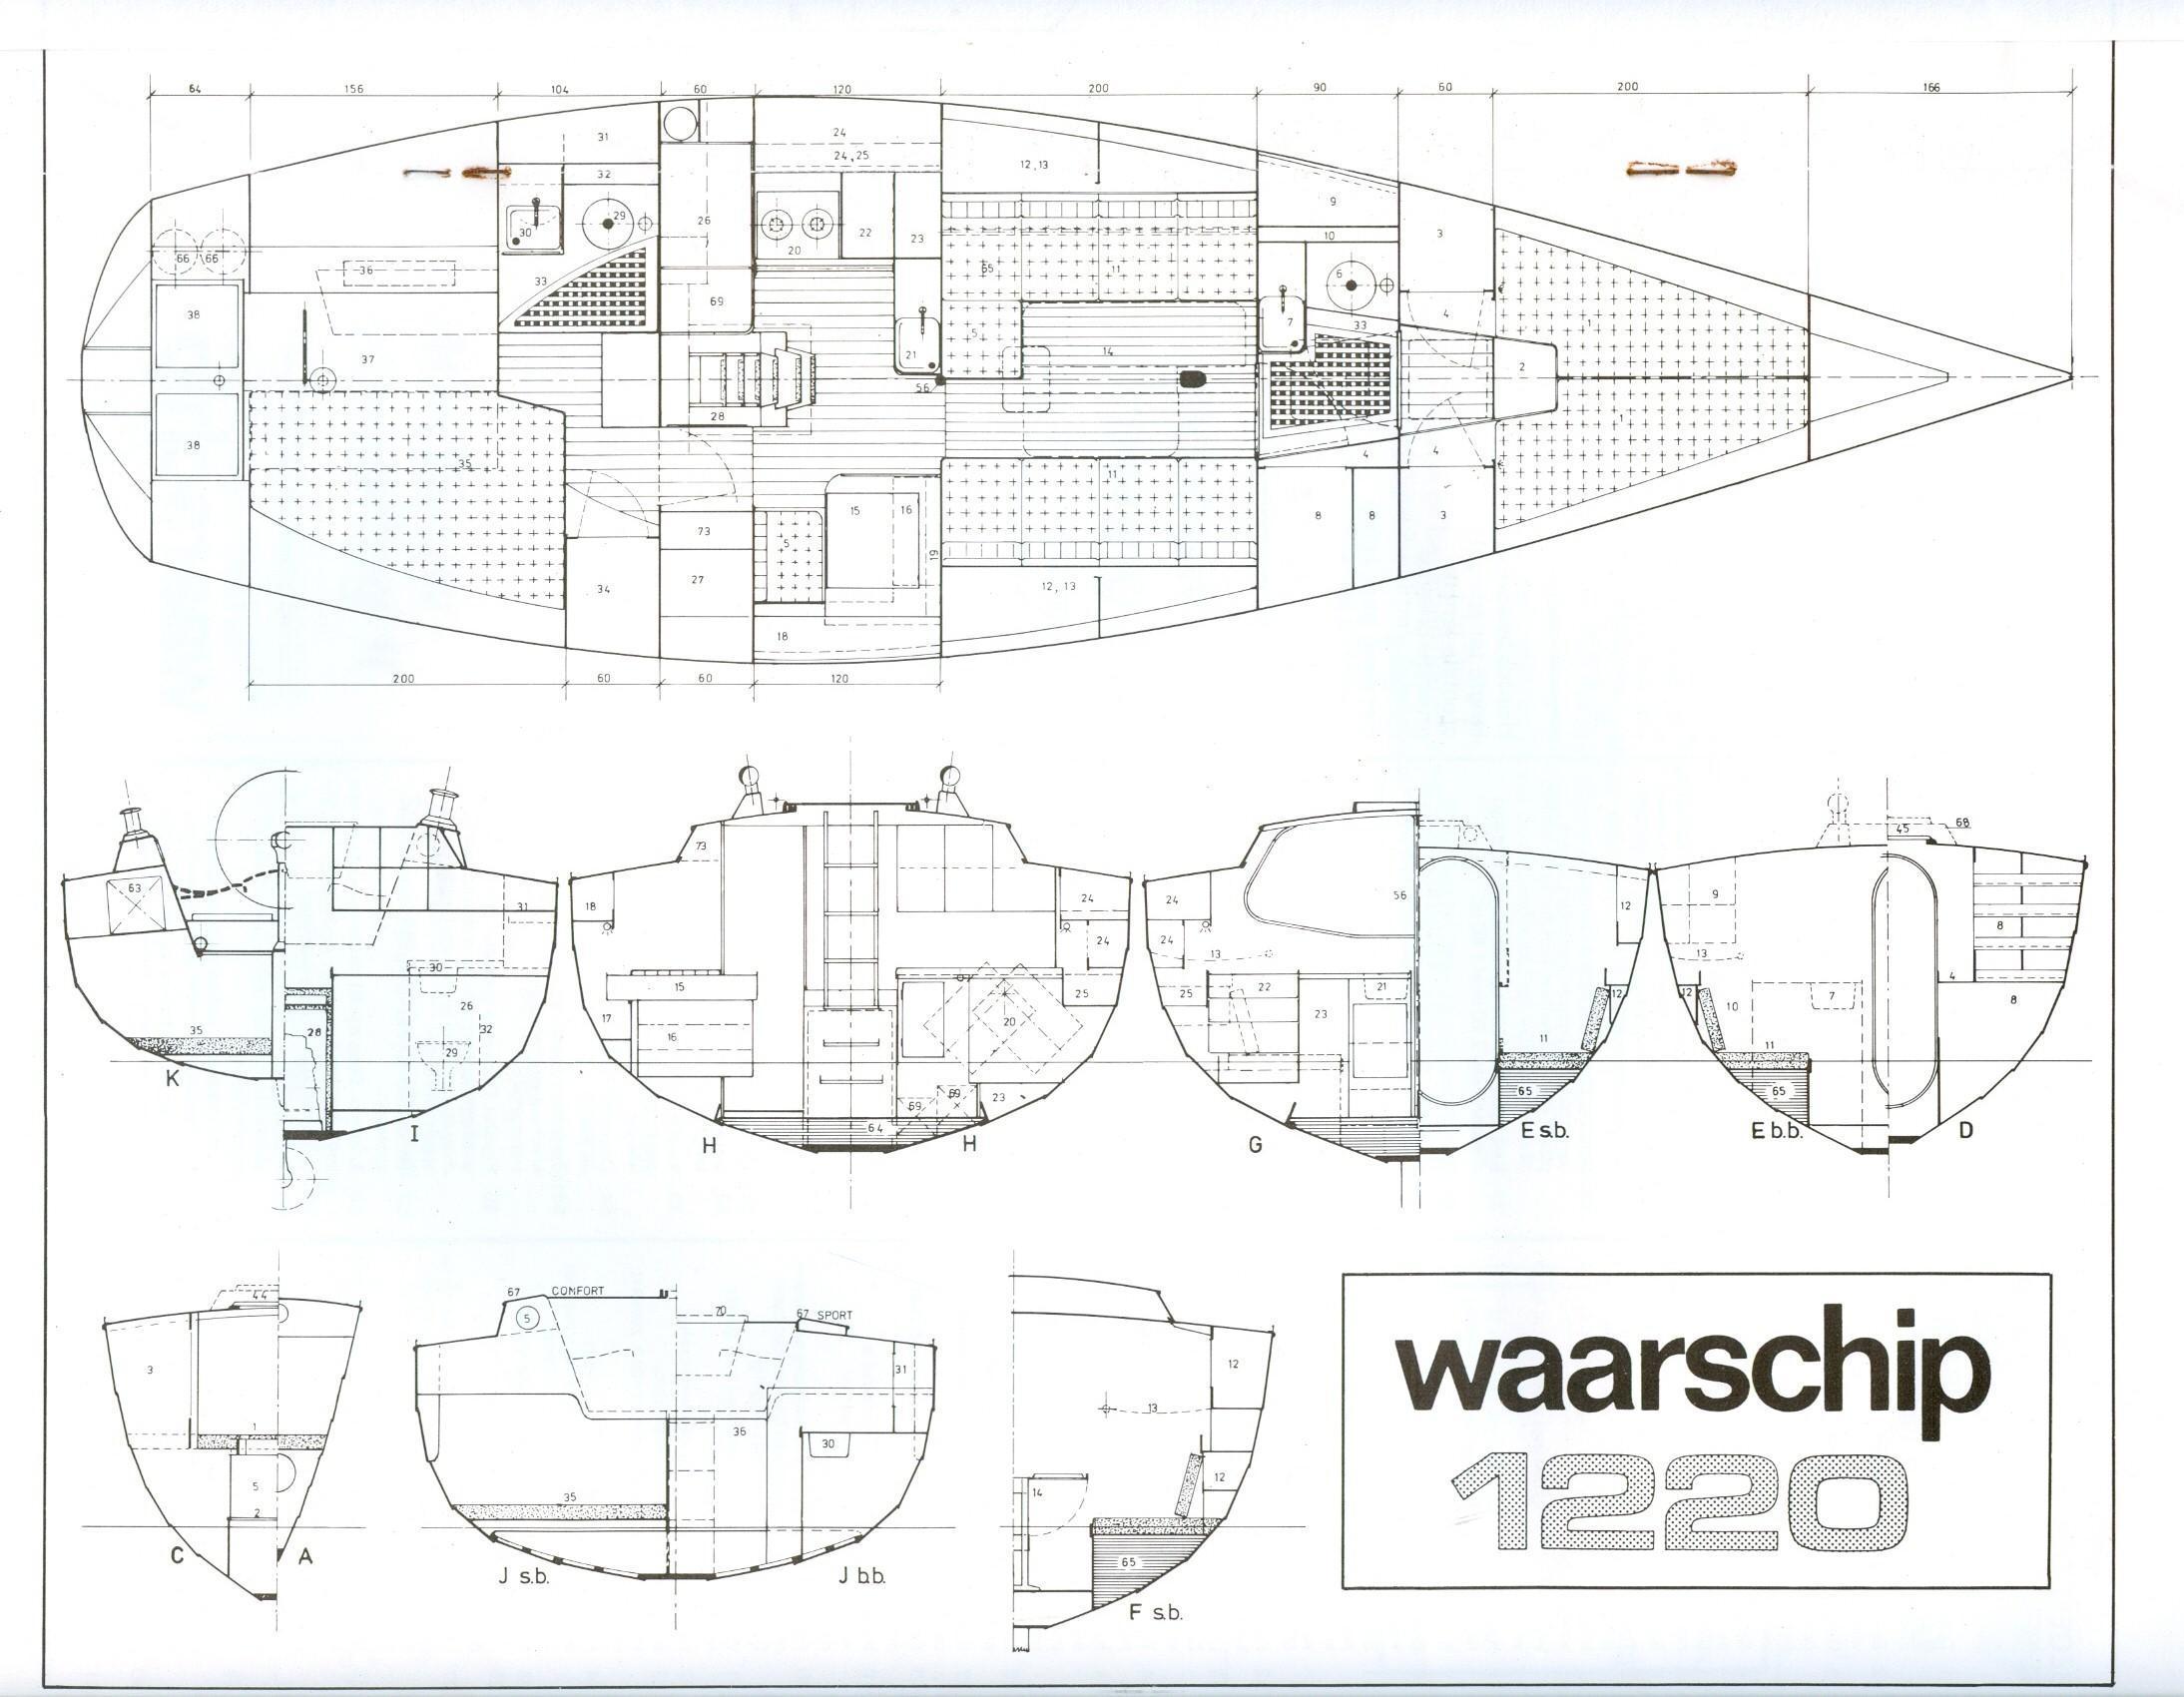 W1220 tekening